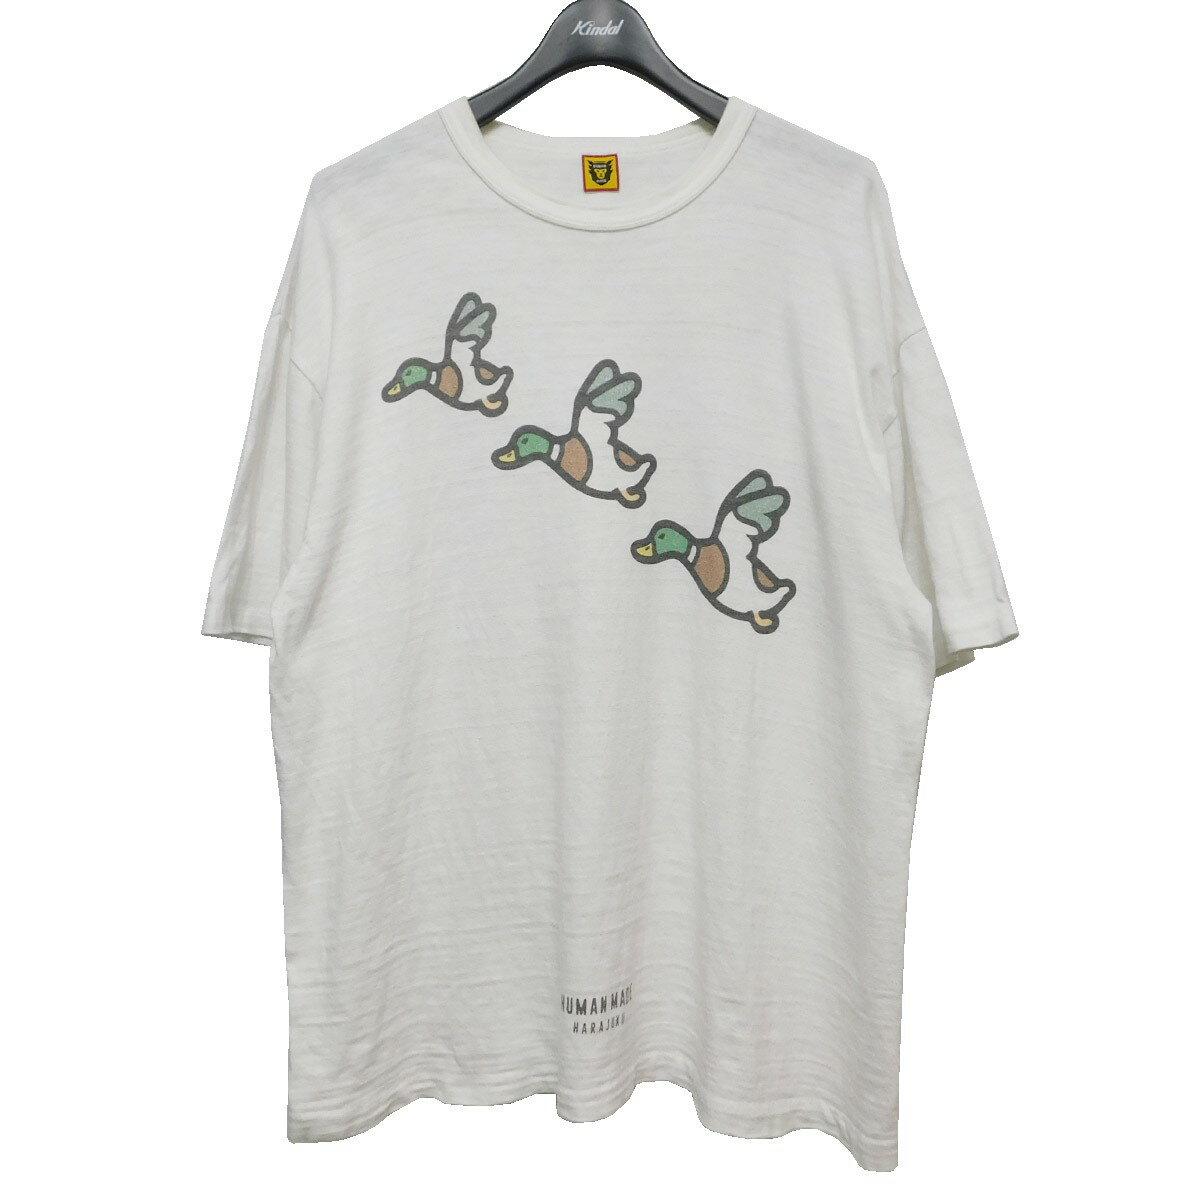 トップス, Tシャツ・カットソー HUMAN MADE HARAJUKU T 2XL 261220